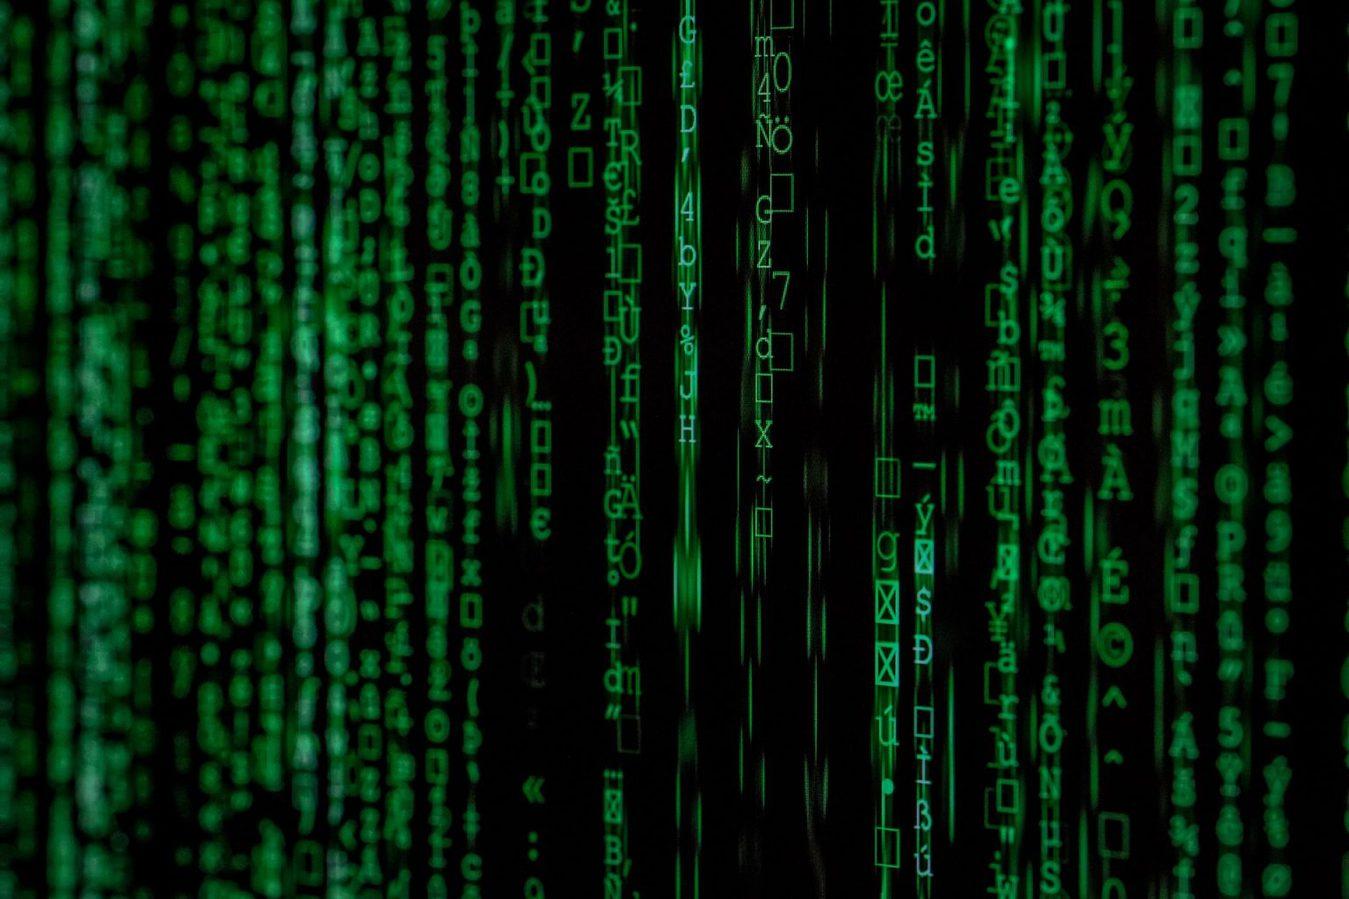 Zielony kod na czarnym tle